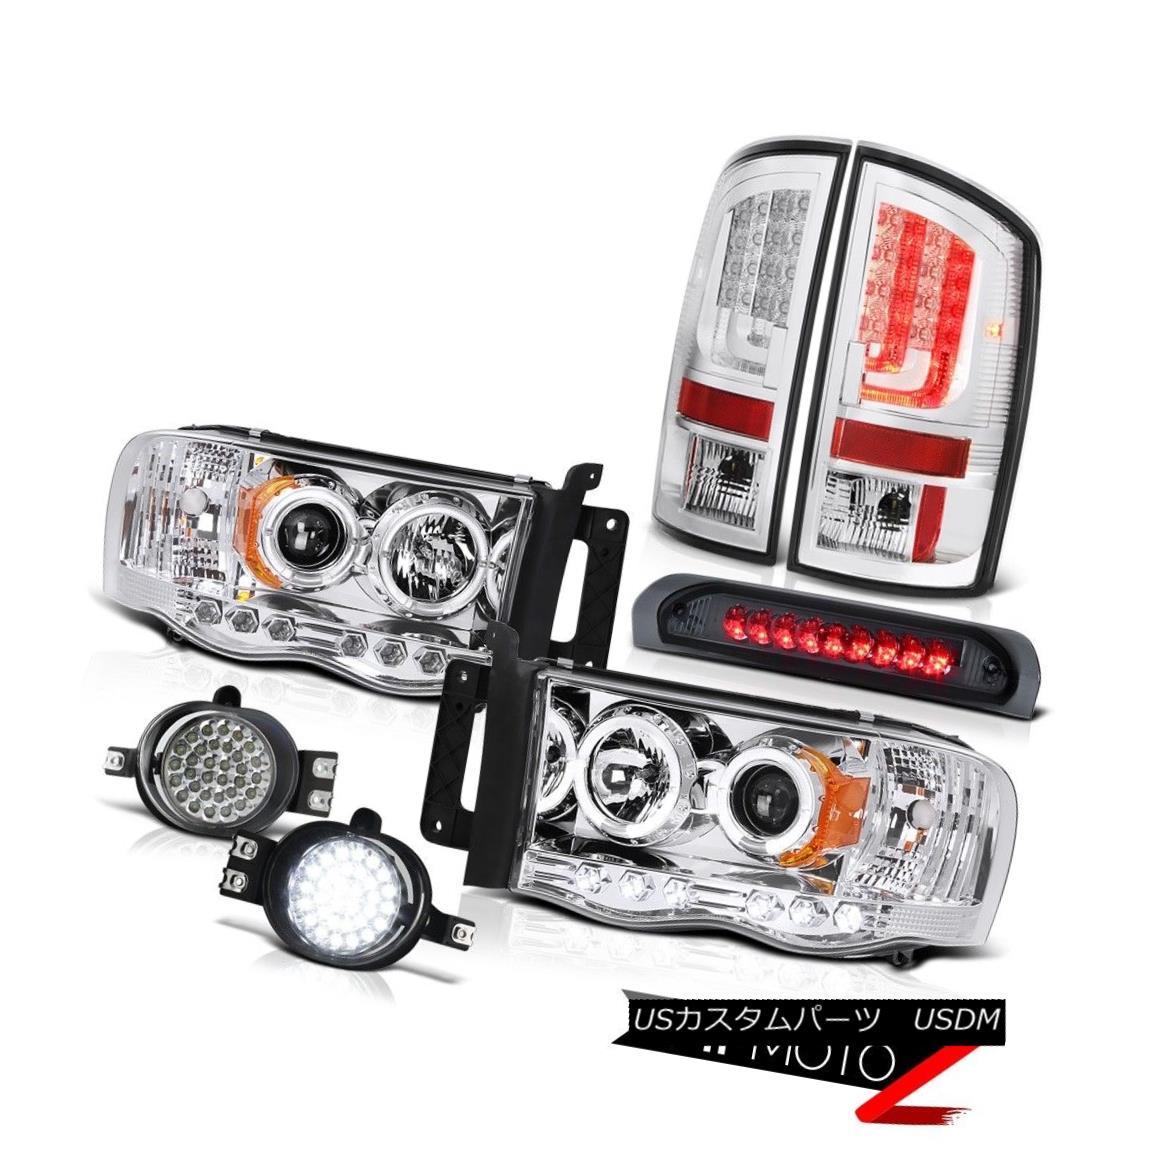 テールライト 02-05 Ram 1500 2500 3500 WS Taillights Headlights Foglamps Roof Brake Light LED 02-05 Ram 1500 2500 3500 WS幼児用ヘッドライトフォグランプルーフブレーキライトLED